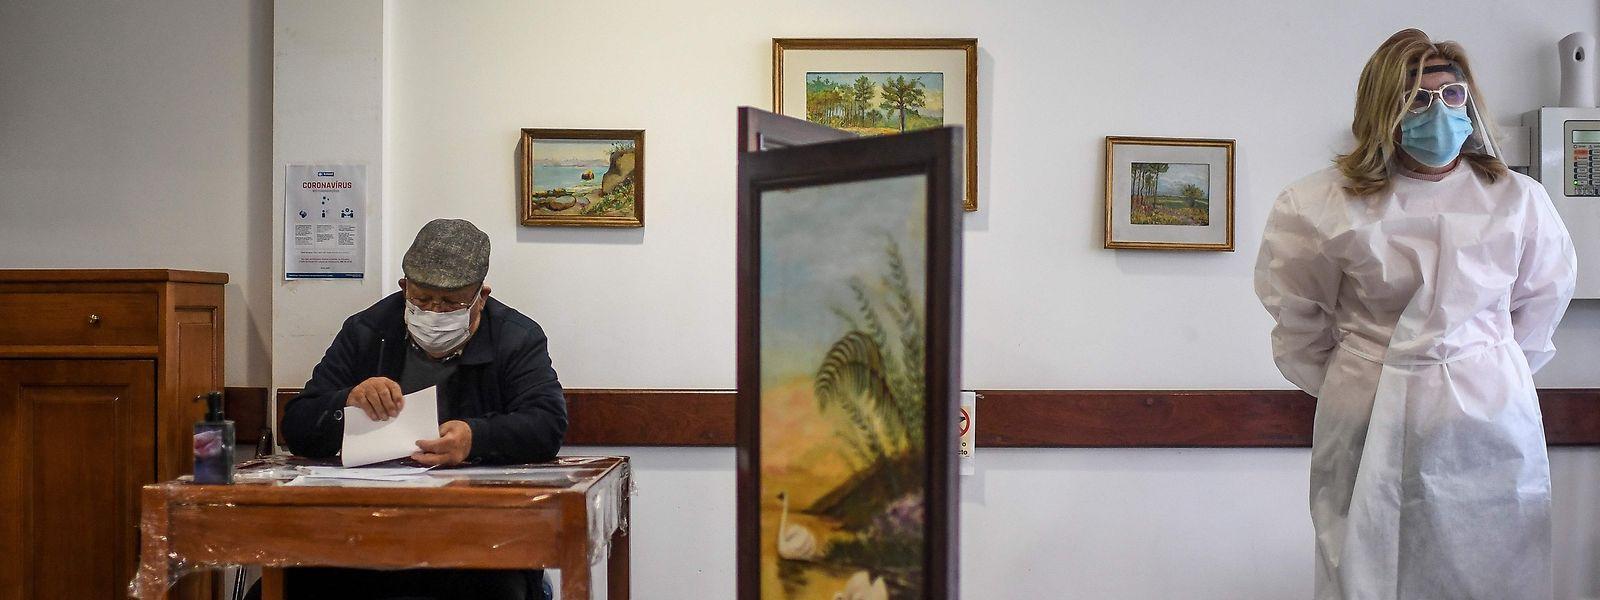 Um residente de um lar de idosos realiza o voto antecipado para as eleições presidenciais portuguesas no próximo domingo, 24 de janeiro.